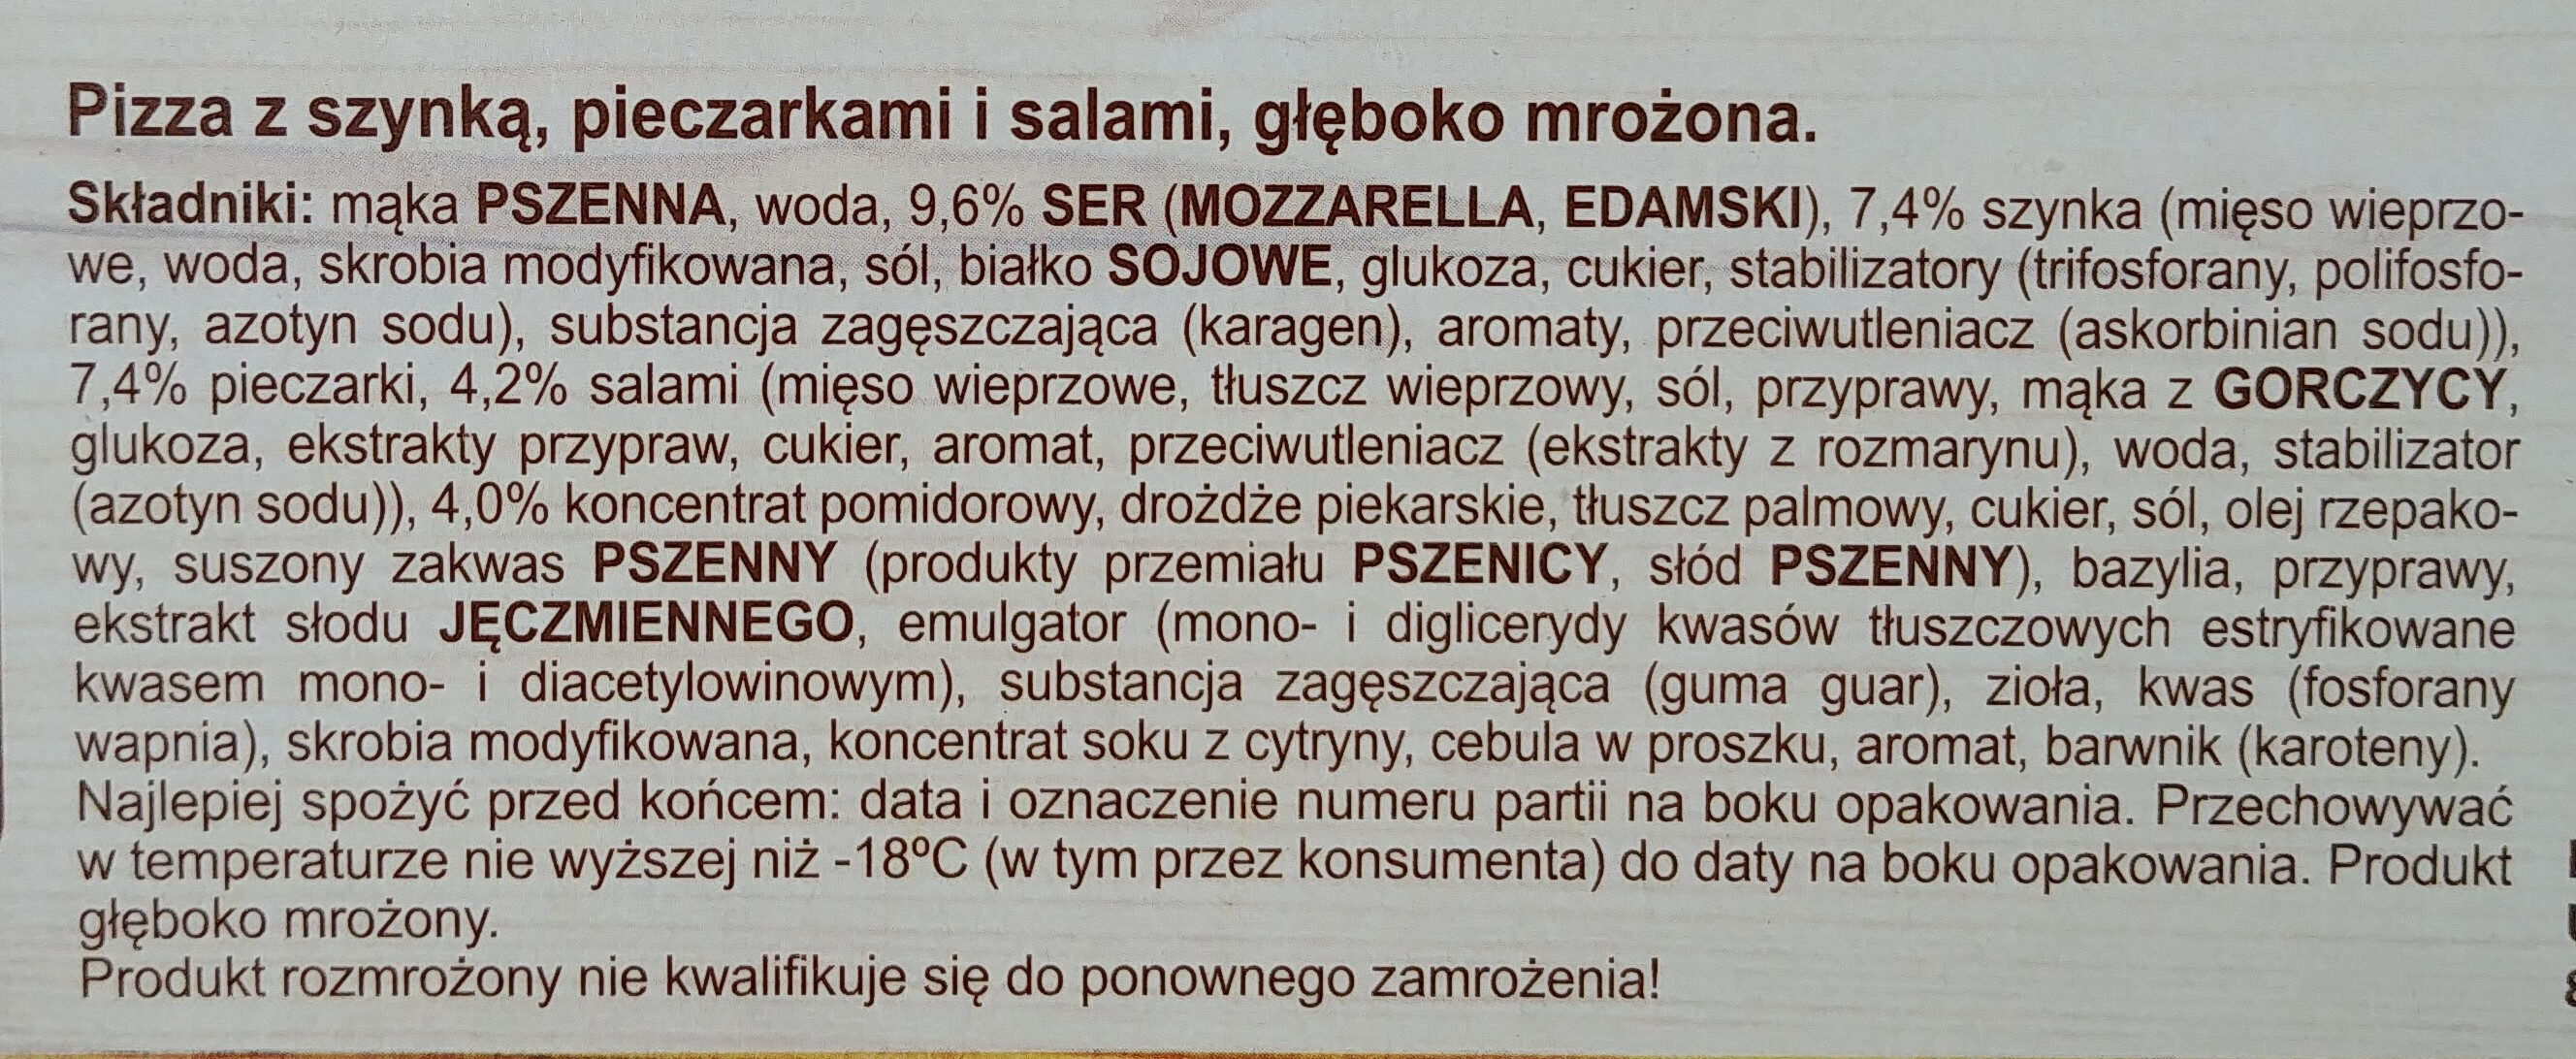 Pizza z szynką, pieczarkami i salami, głęboko mrożona. - Ingrédients - pl